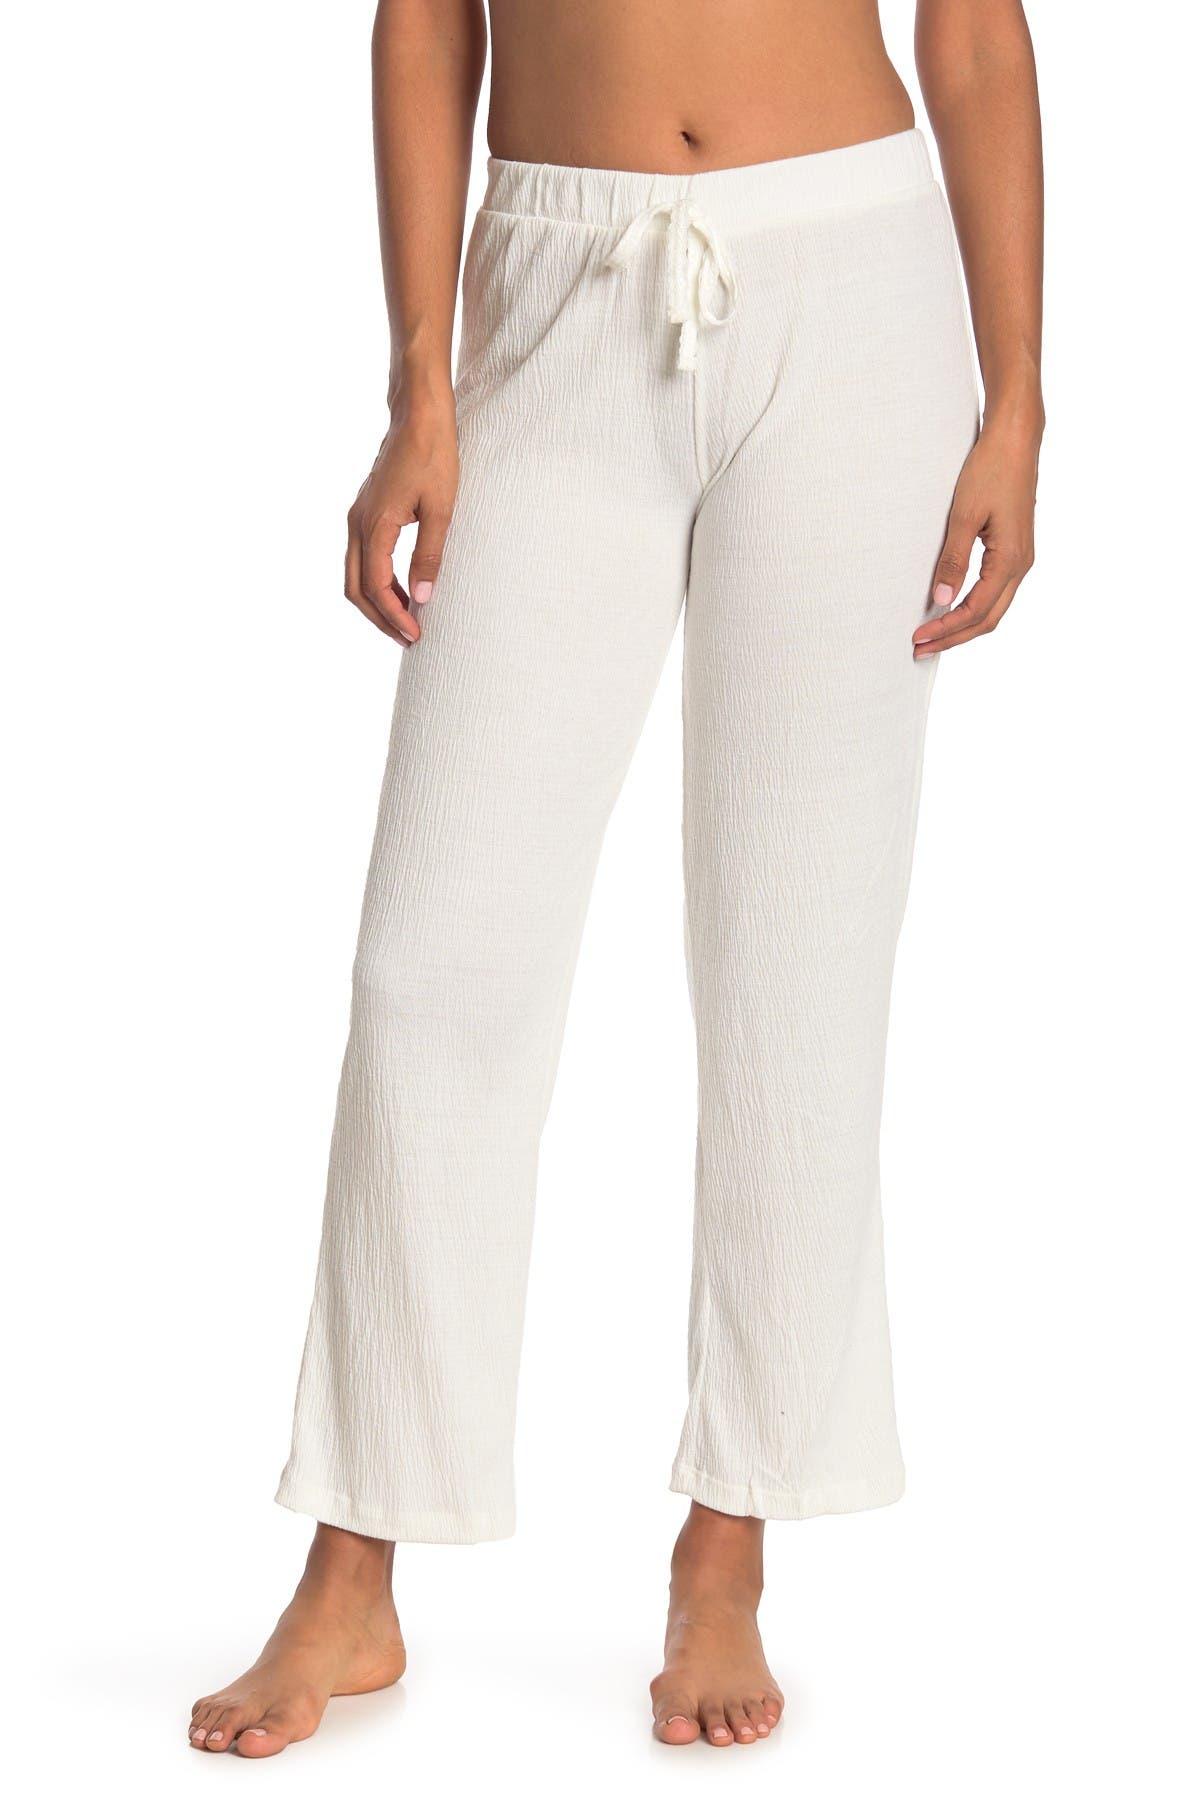 Image of Kathy Ireland Knit Gauze Pants